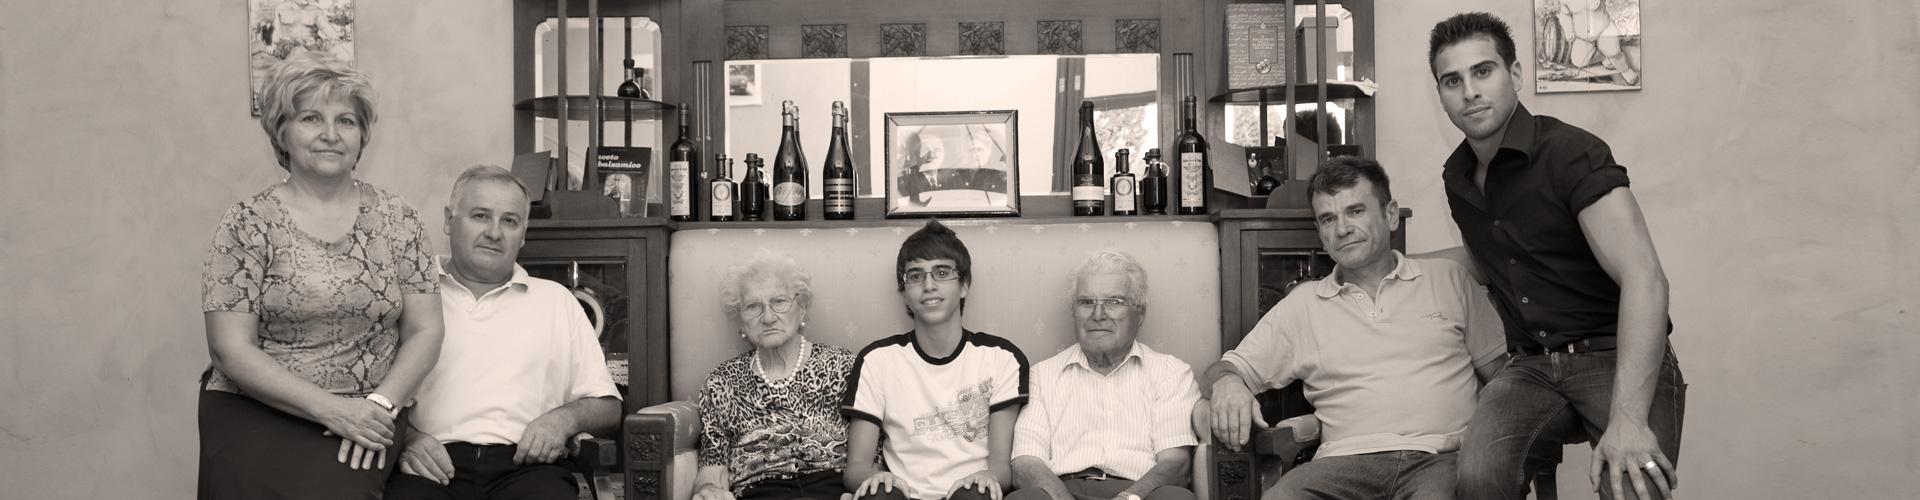 Chi siamo - quattro generazioni della famiglia Zanasi